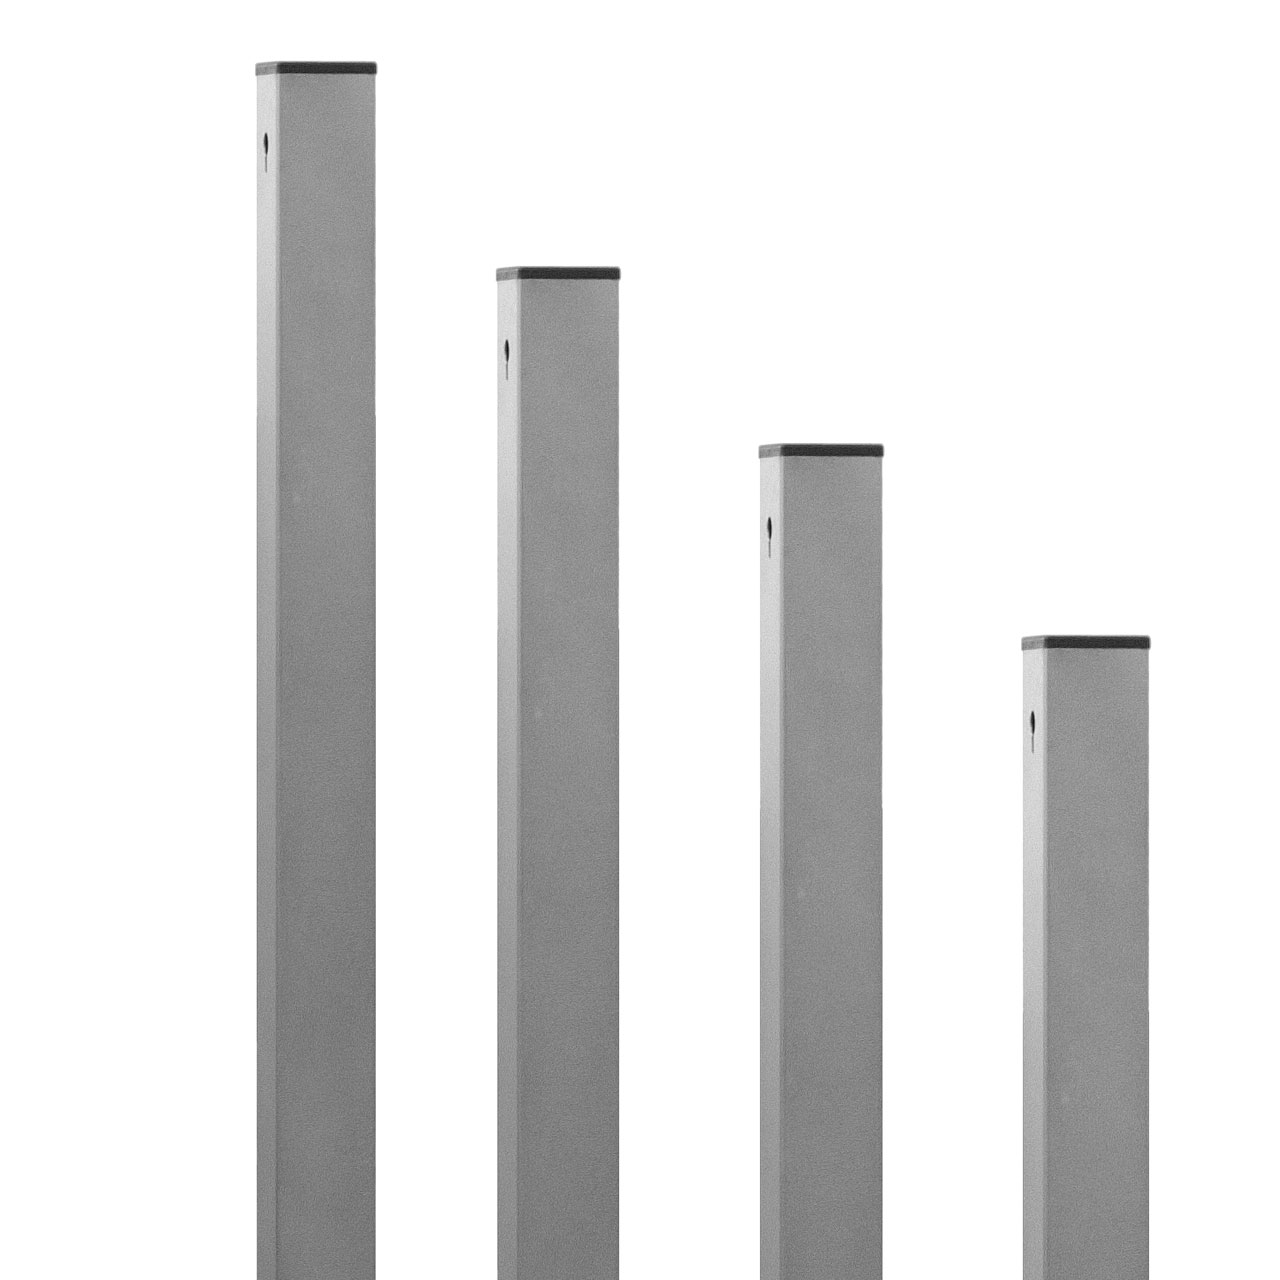 aluminium pfosten 7x7cm f r geflecht sichtschutzw nde alufarben sichtschutz. Black Bedroom Furniture Sets. Home Design Ideas